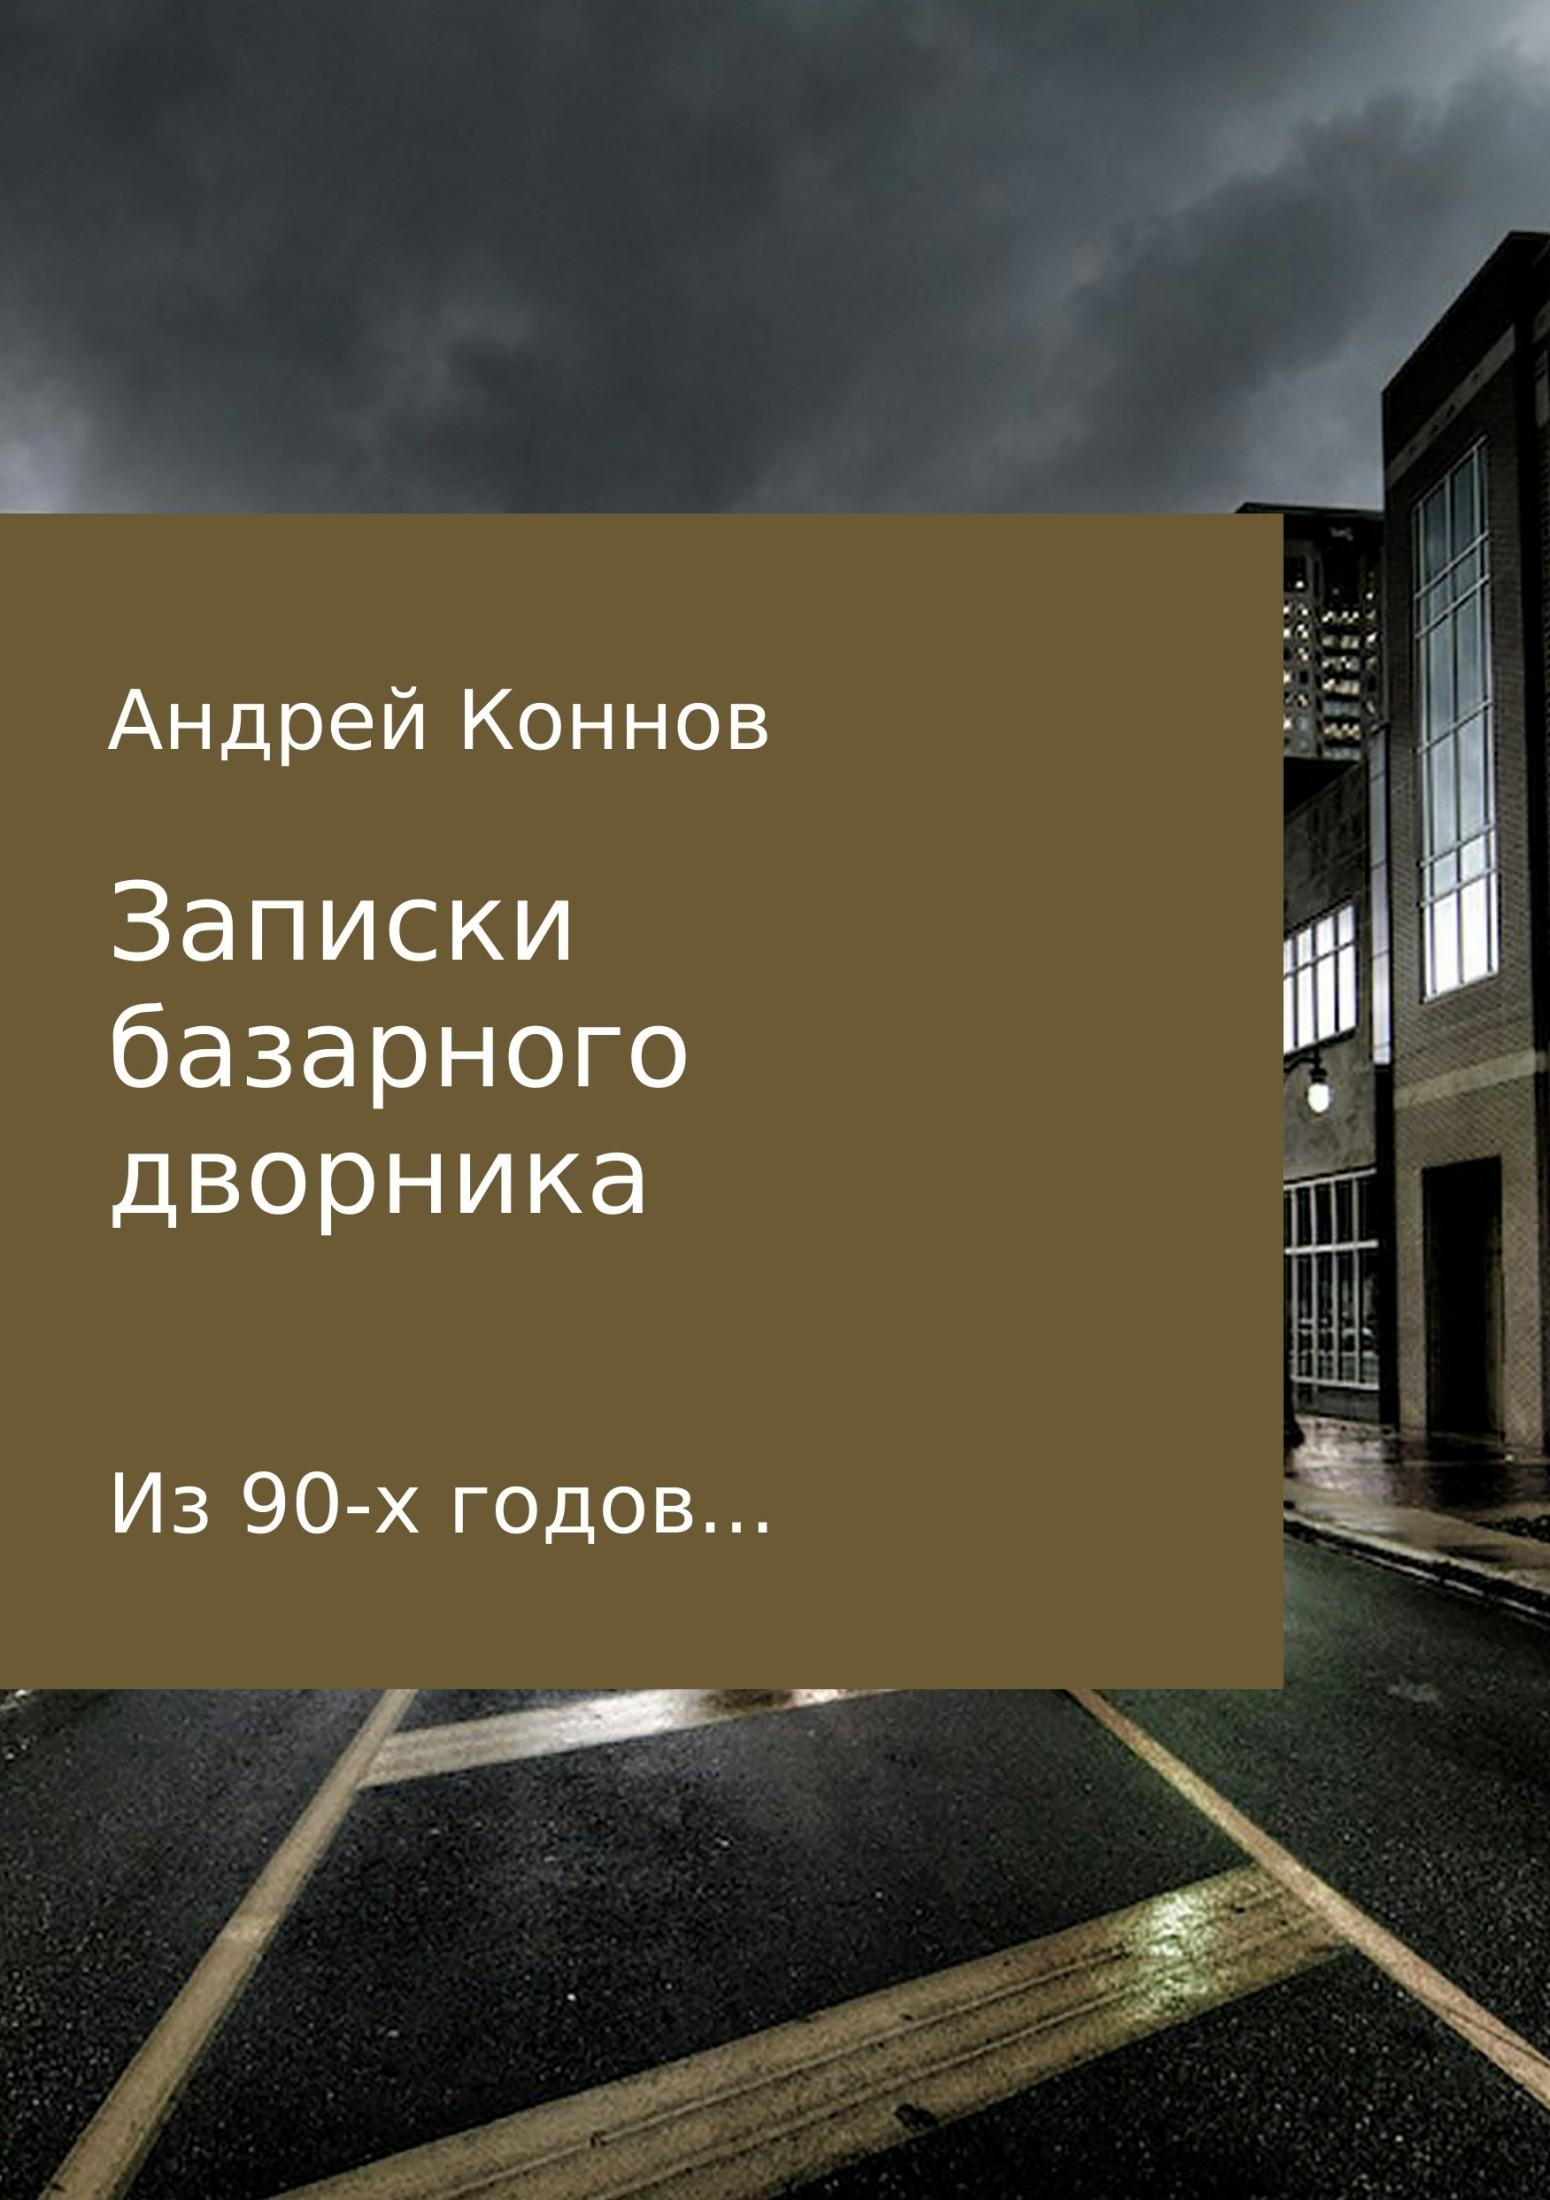 Андрей Александрович Коннов Записки базарного дворника из 90-х годов футболка детская bodo цвет черный 4 73u размер 86 92